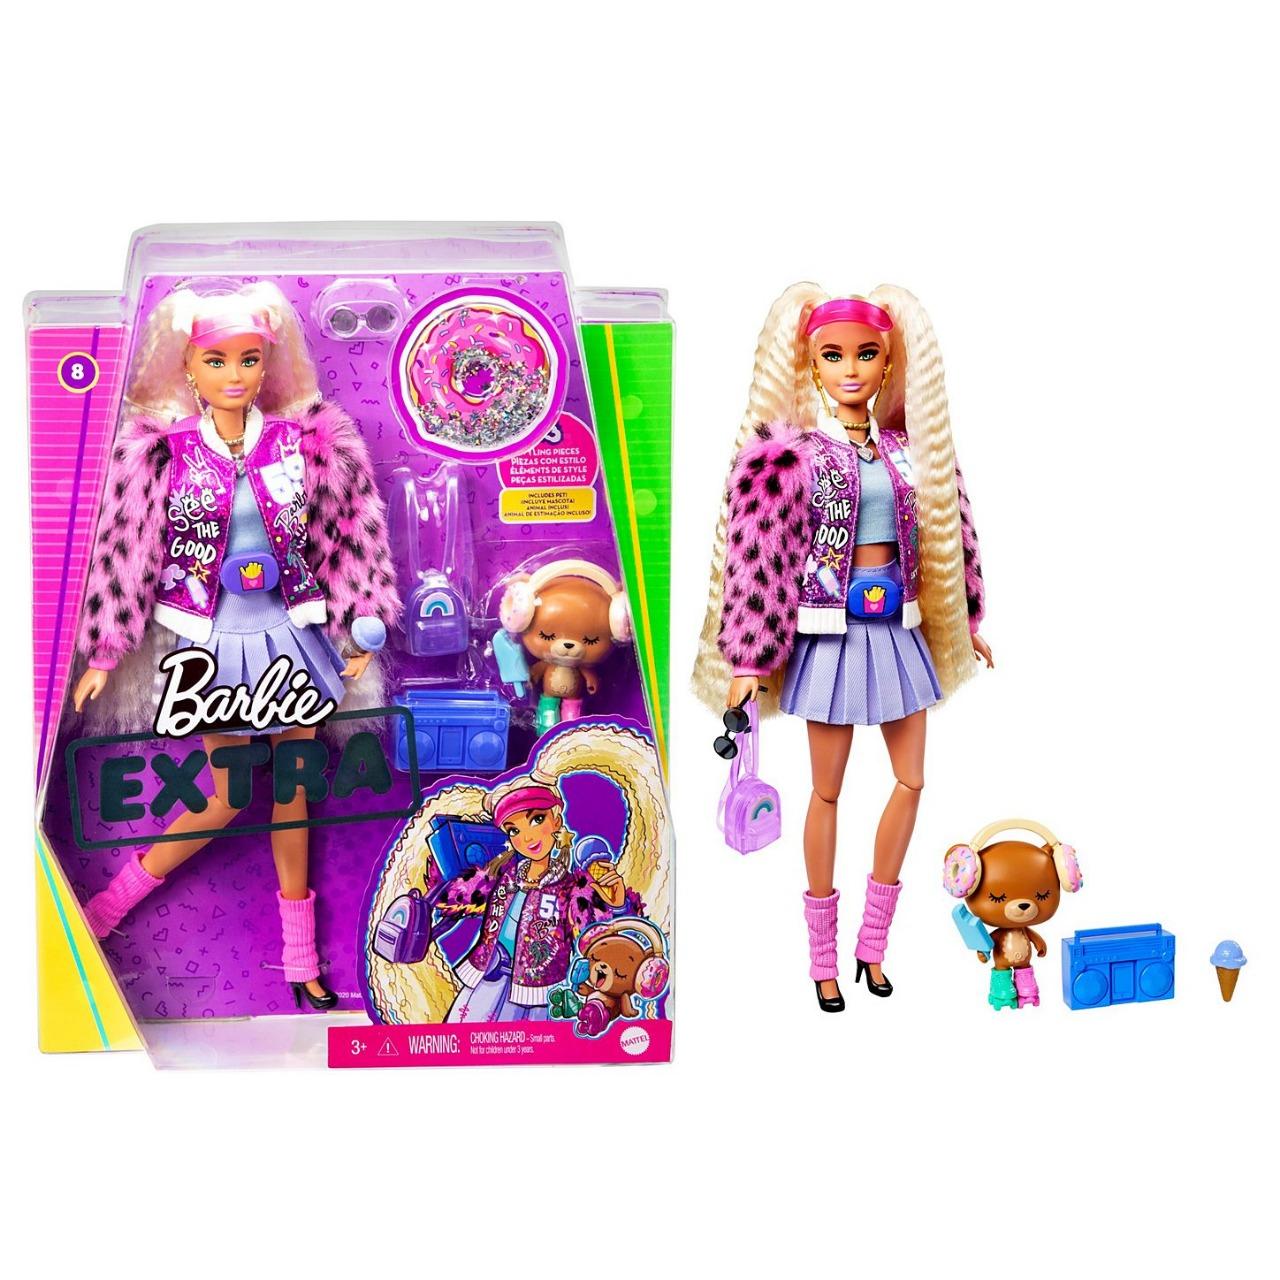 Boneca Barbie Extra Articulada Loira Cabelo Longo Estilo Tranças Reviradas Com  Pet Ursinho E Acessórios Mattel